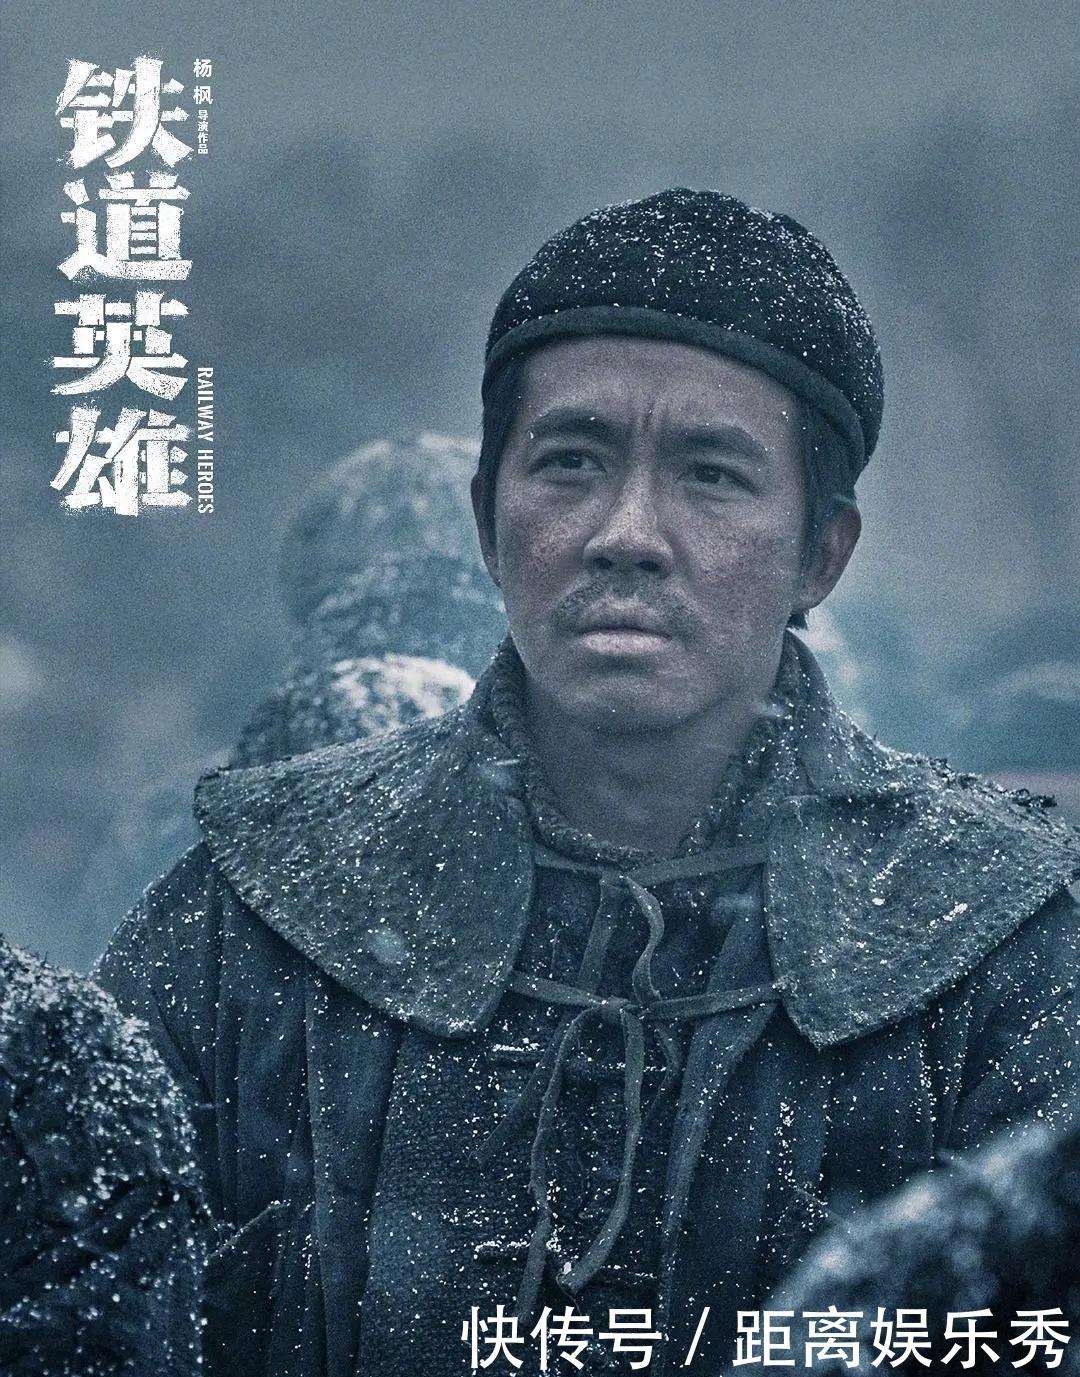 《铁道英雄》-百度云【720高清国语版】下载